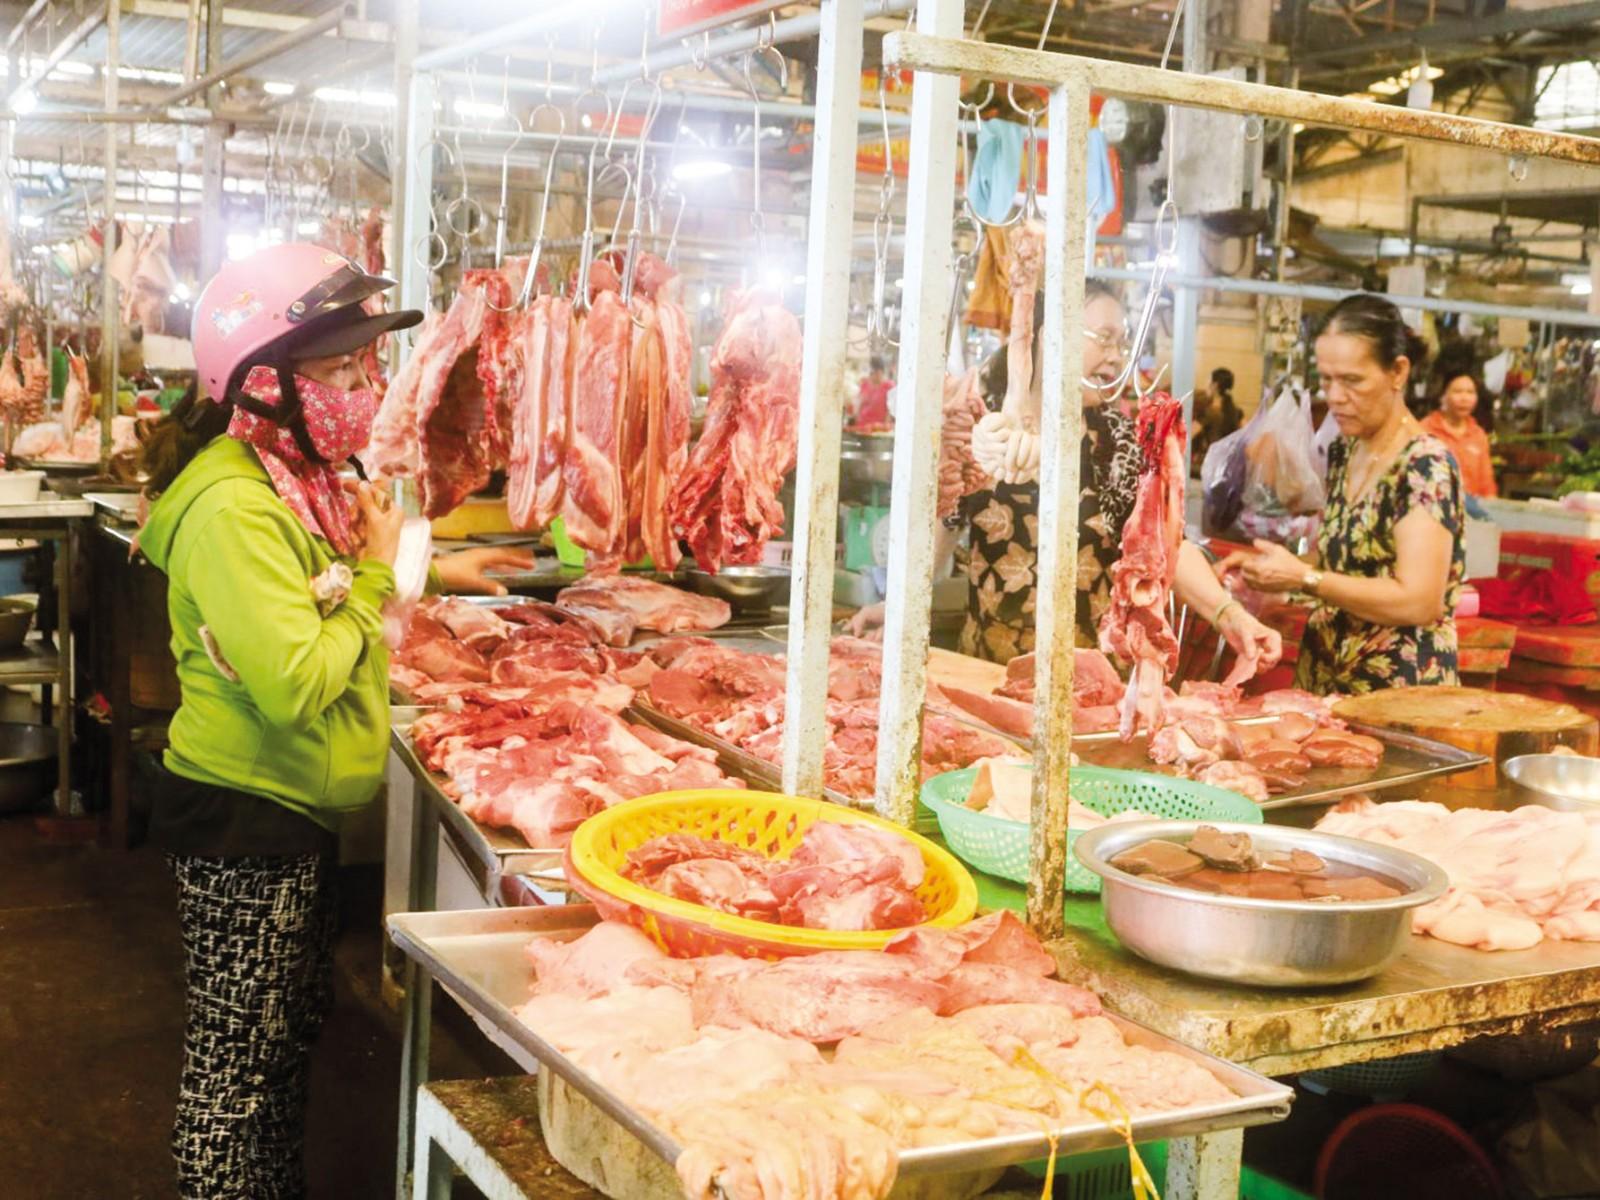 Nguồn cung thịt heo dồi dào tại chợ Nhà lồng 3, Trung tâm thương mại Cái Khế.